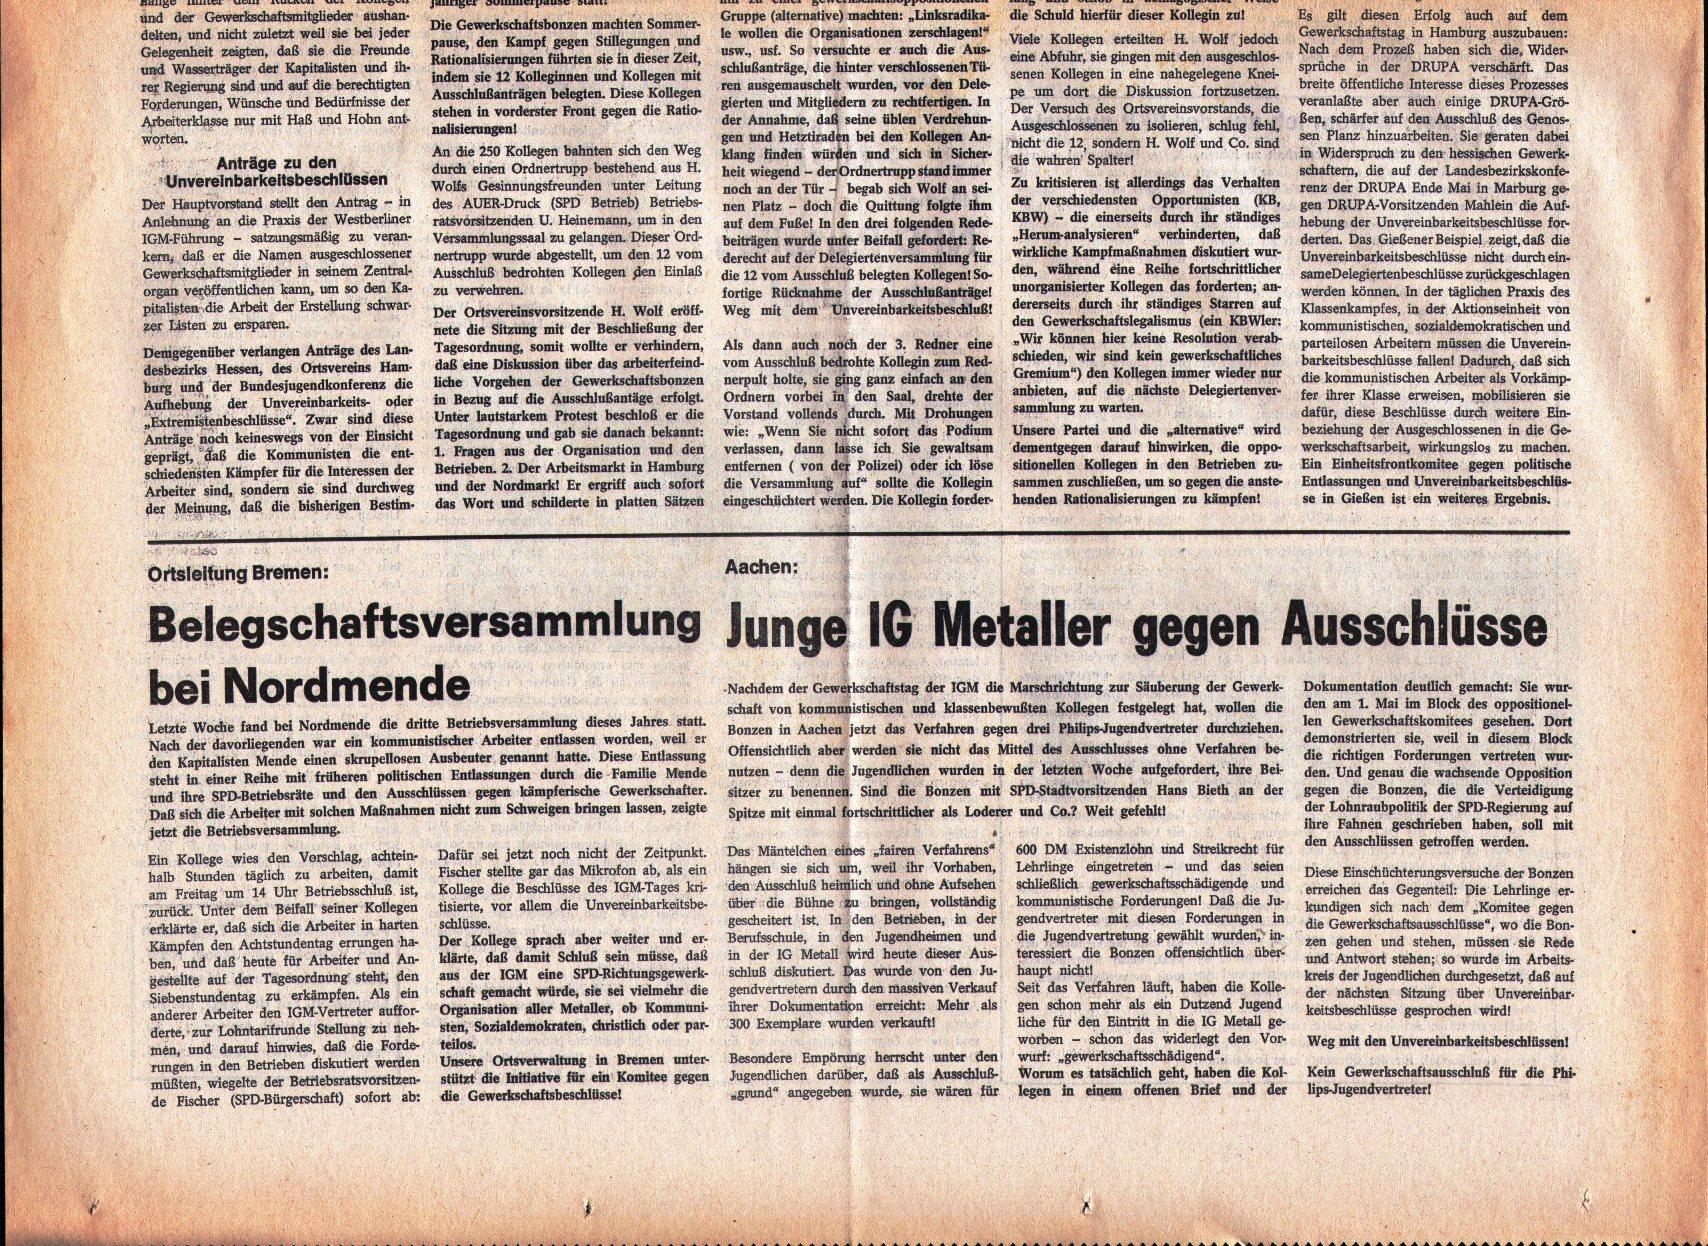 KPD_Rote_Fahne_1974_41_08